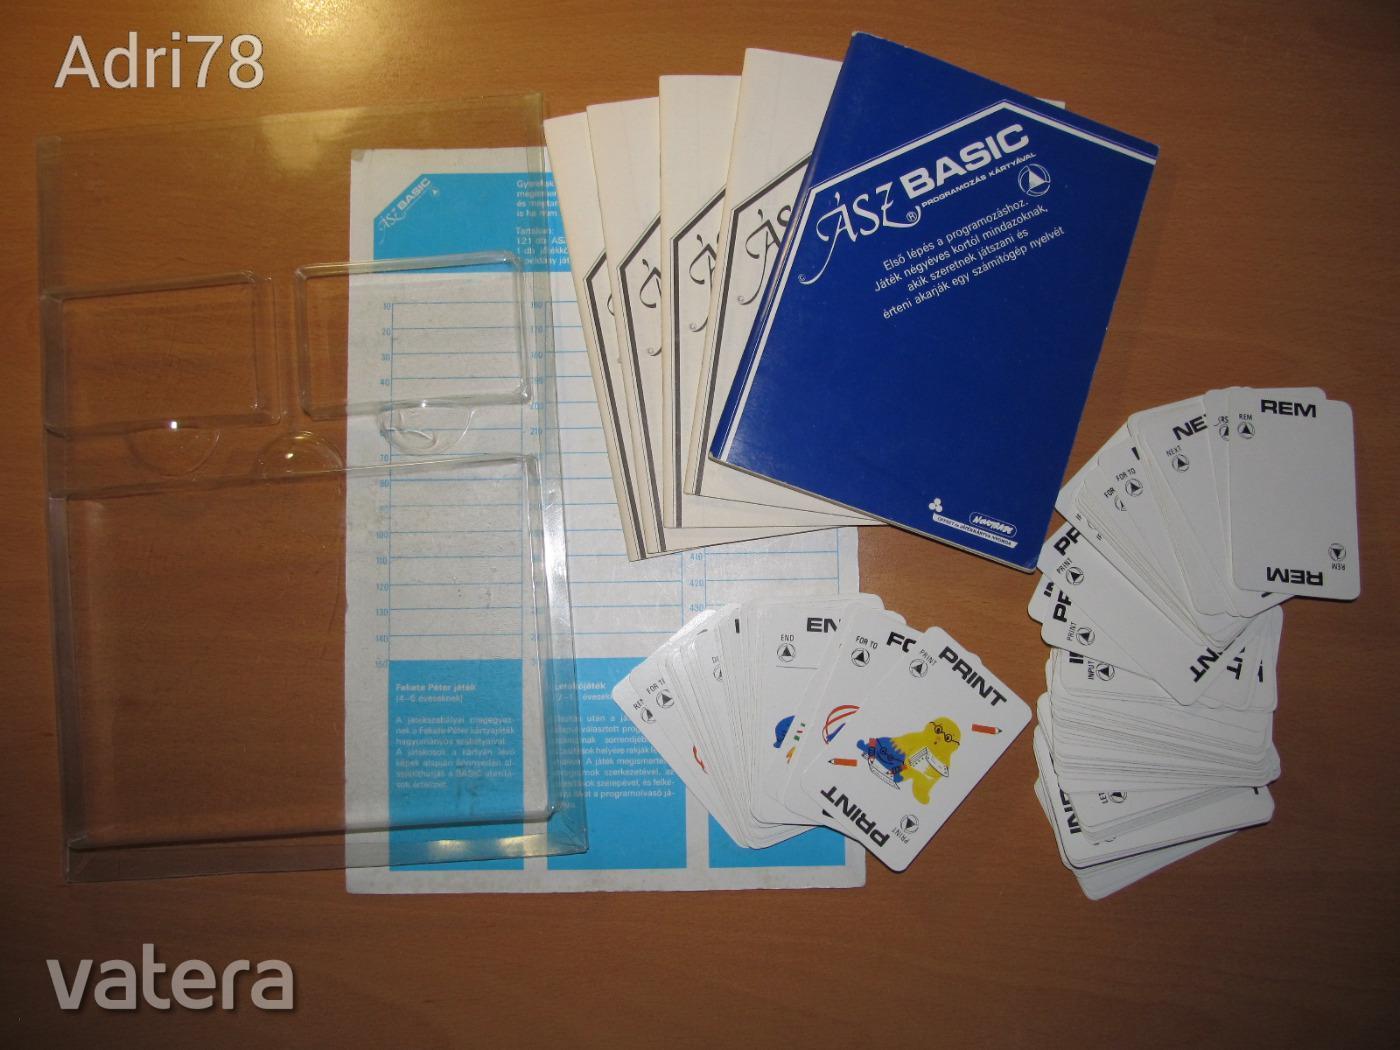 regi-retro-tarsasjatek-asz-basic-programozas-novotrade-c5aa_2_big.jpg